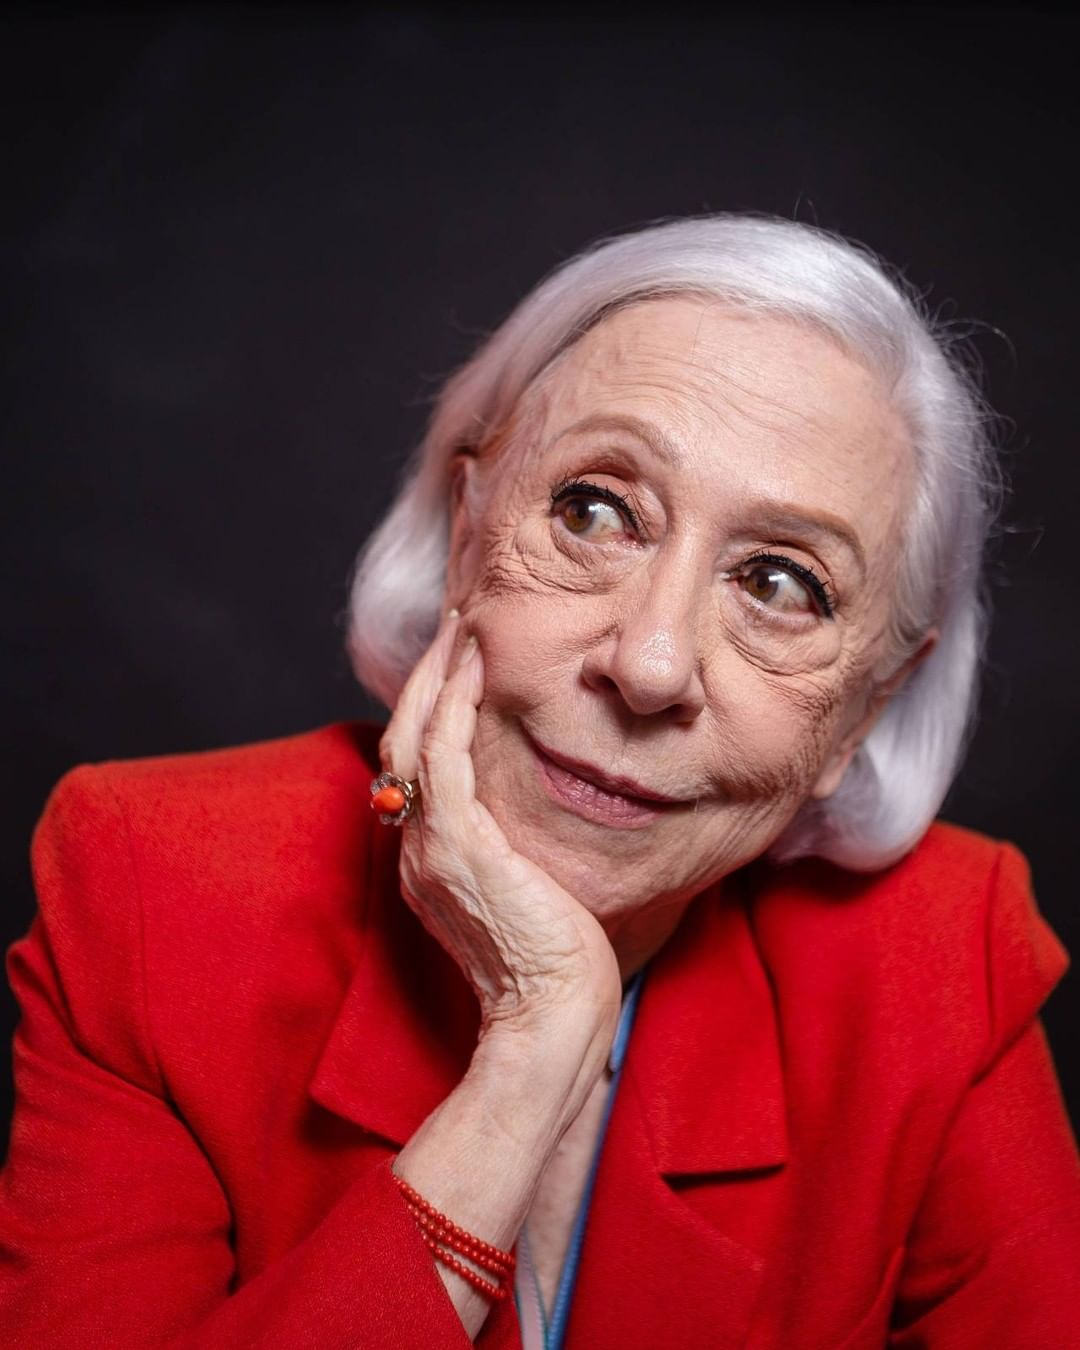 Aos 91 anos, Fernanda Montenegro, um dos maiores talentos da Rede Globo, segue vinculada na emissora. (Foto: Instagram)